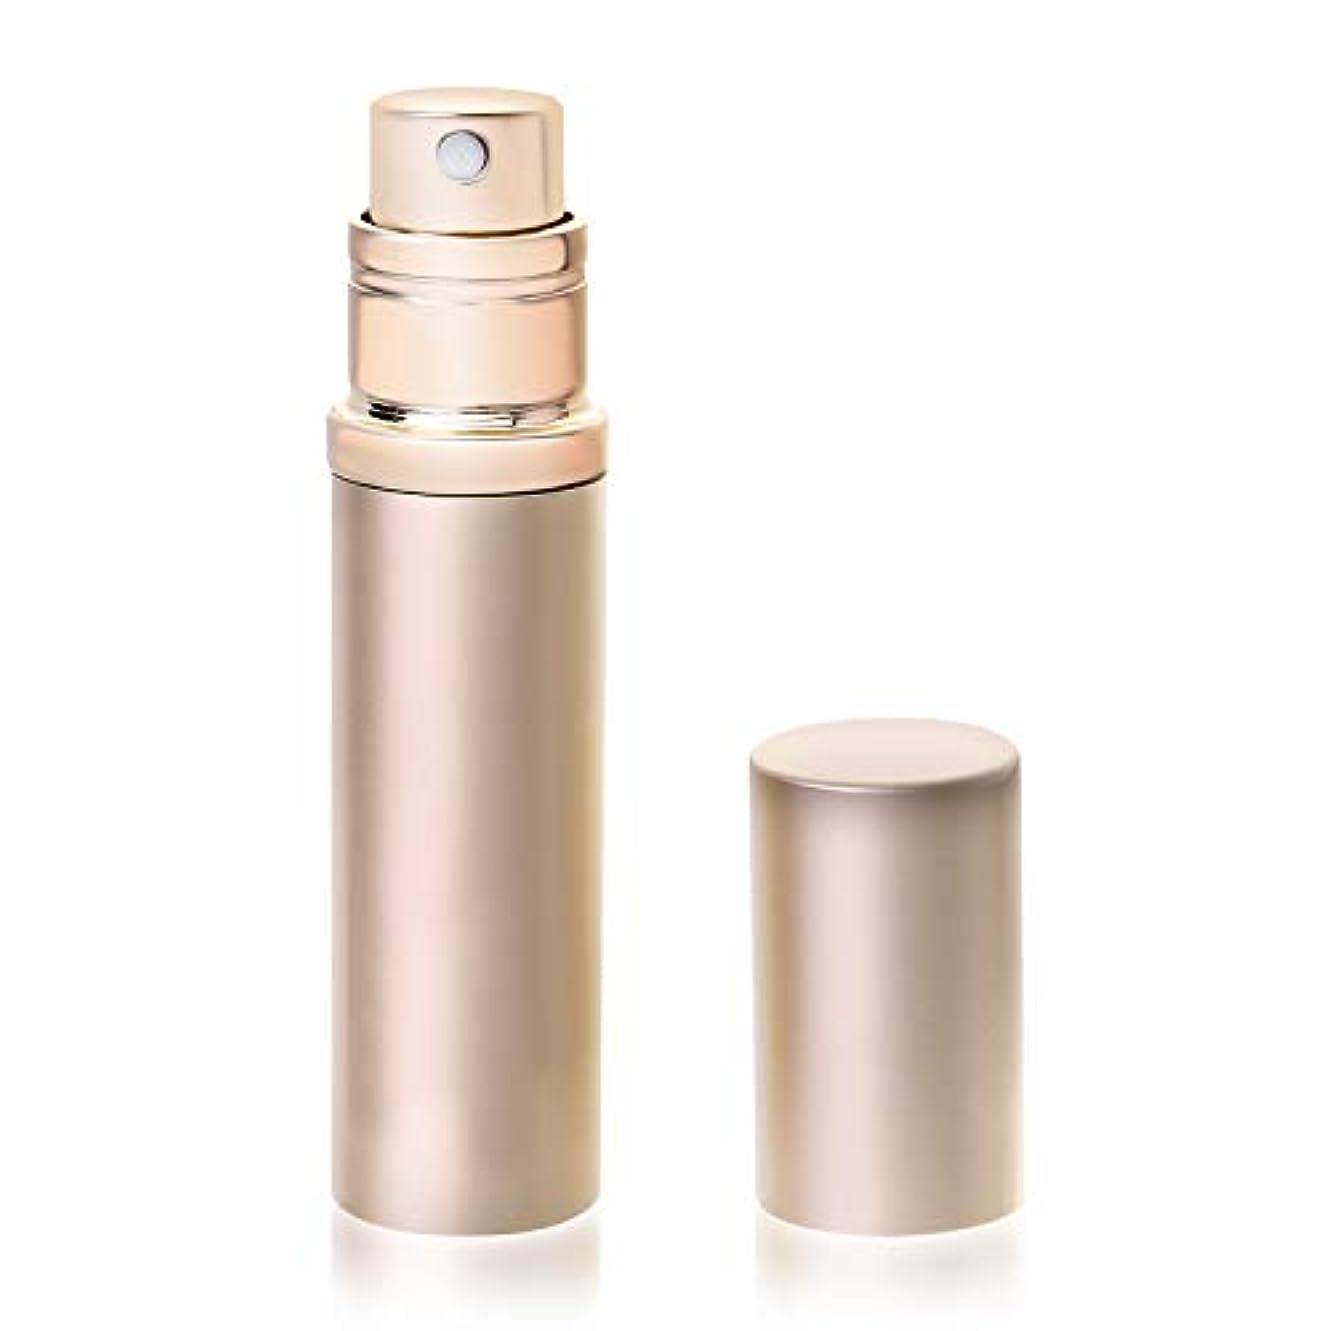 一口突然ネブアトマイザ- 香水 容器 詰め替え クイック 携帯用 詰め替え 香水用 ワンタッチ補充 ポータブル 香水噴霧器 香水スプレー シャンパンゴールド YOOMARO